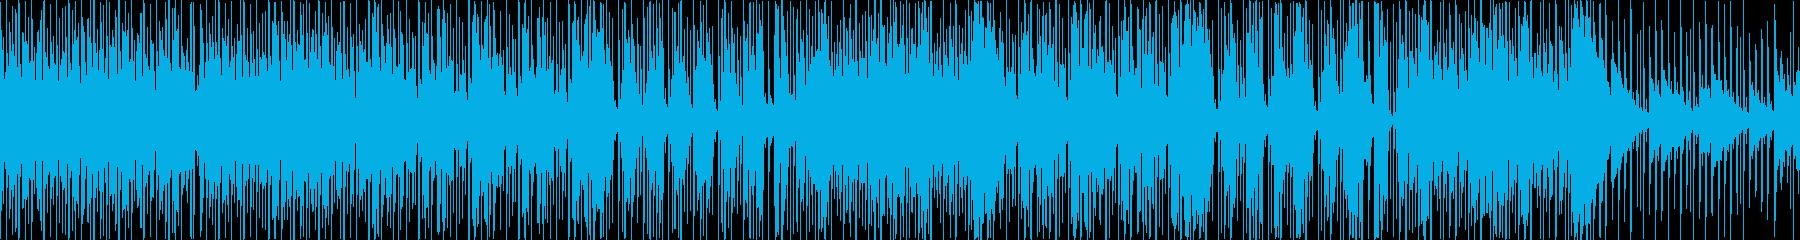 【ループ】ディスコでキラキラしたBGMの再生済みの波形